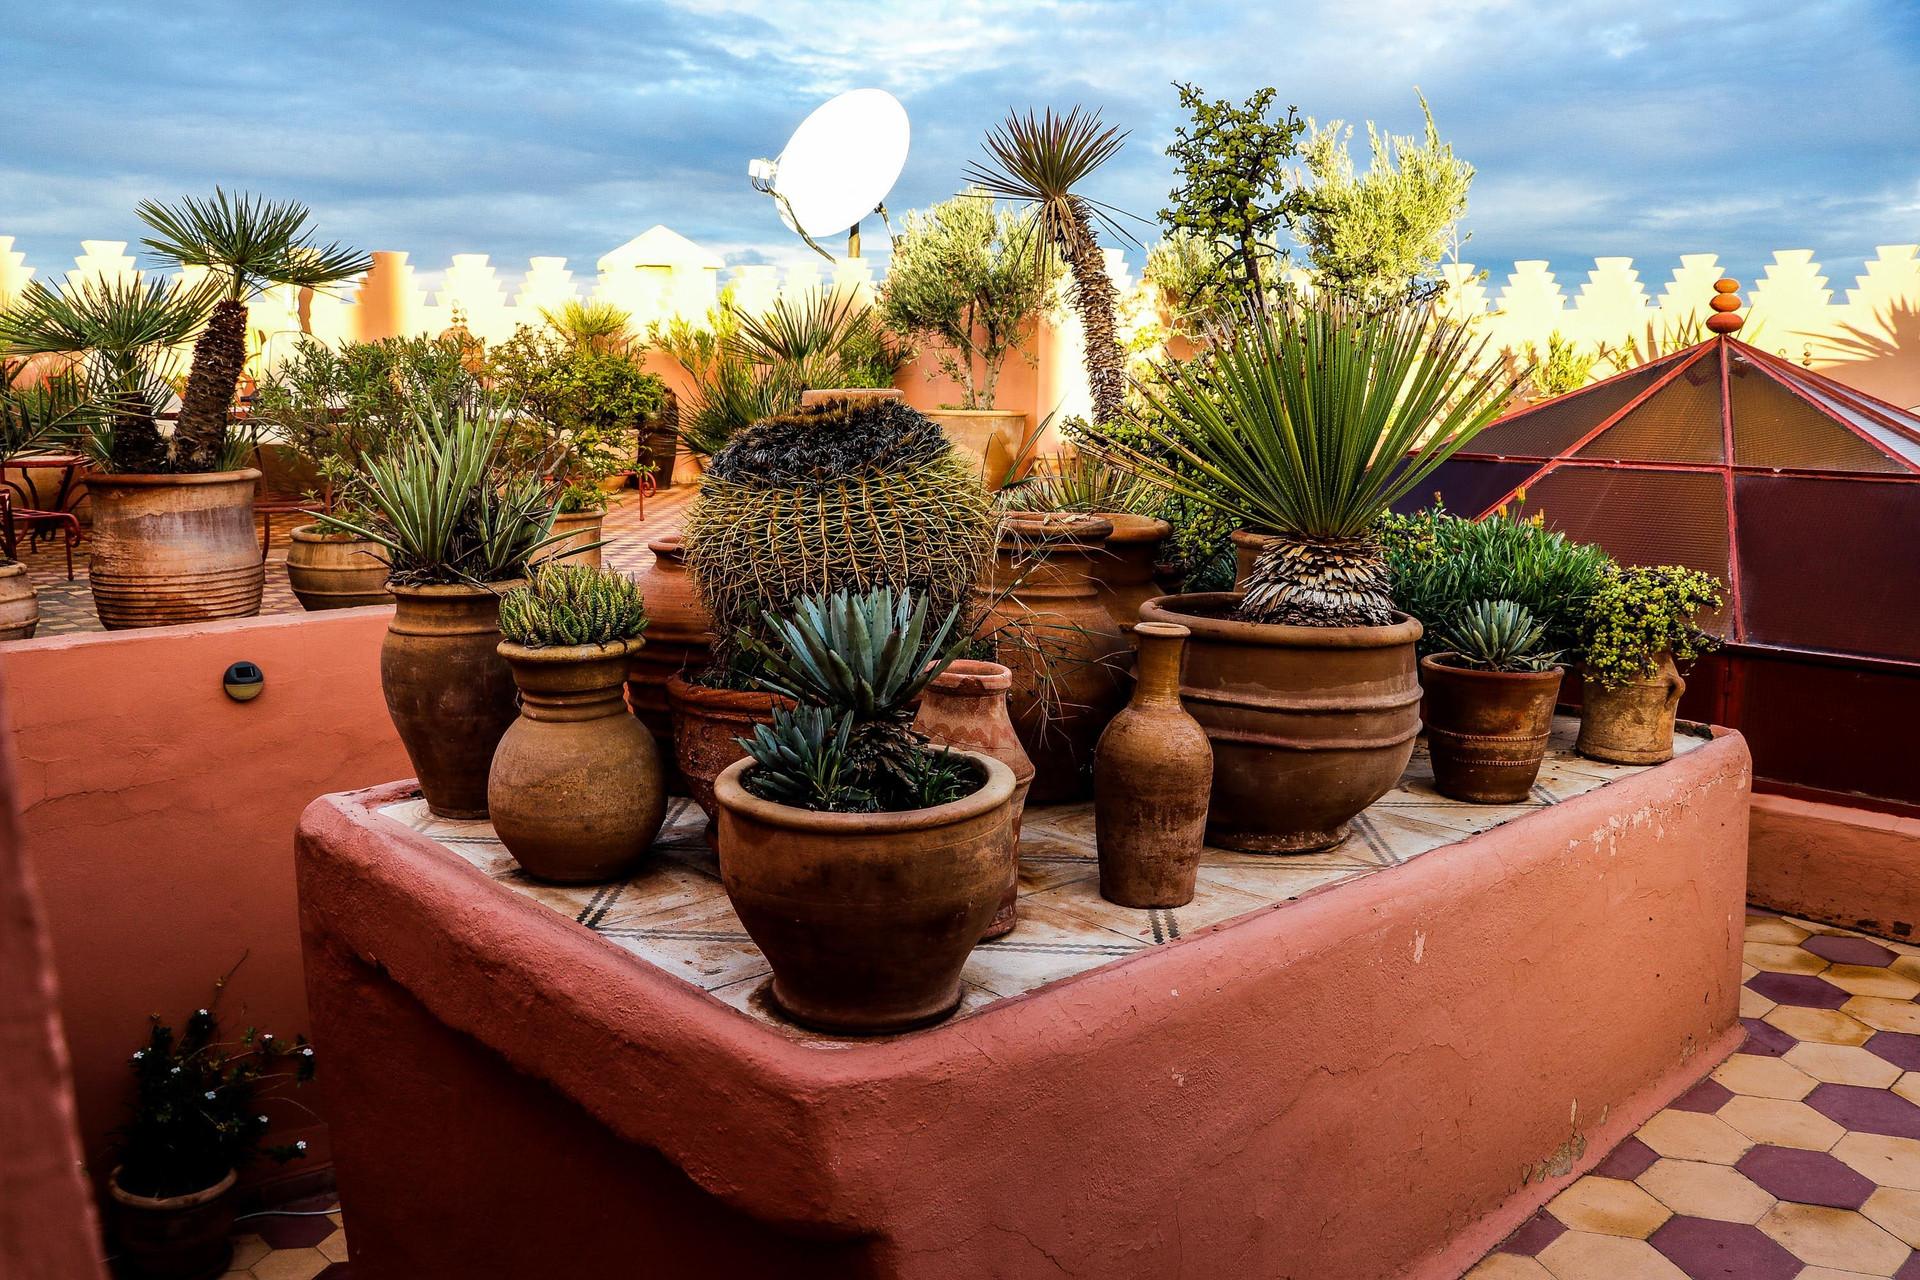 Marrakech | November 2018